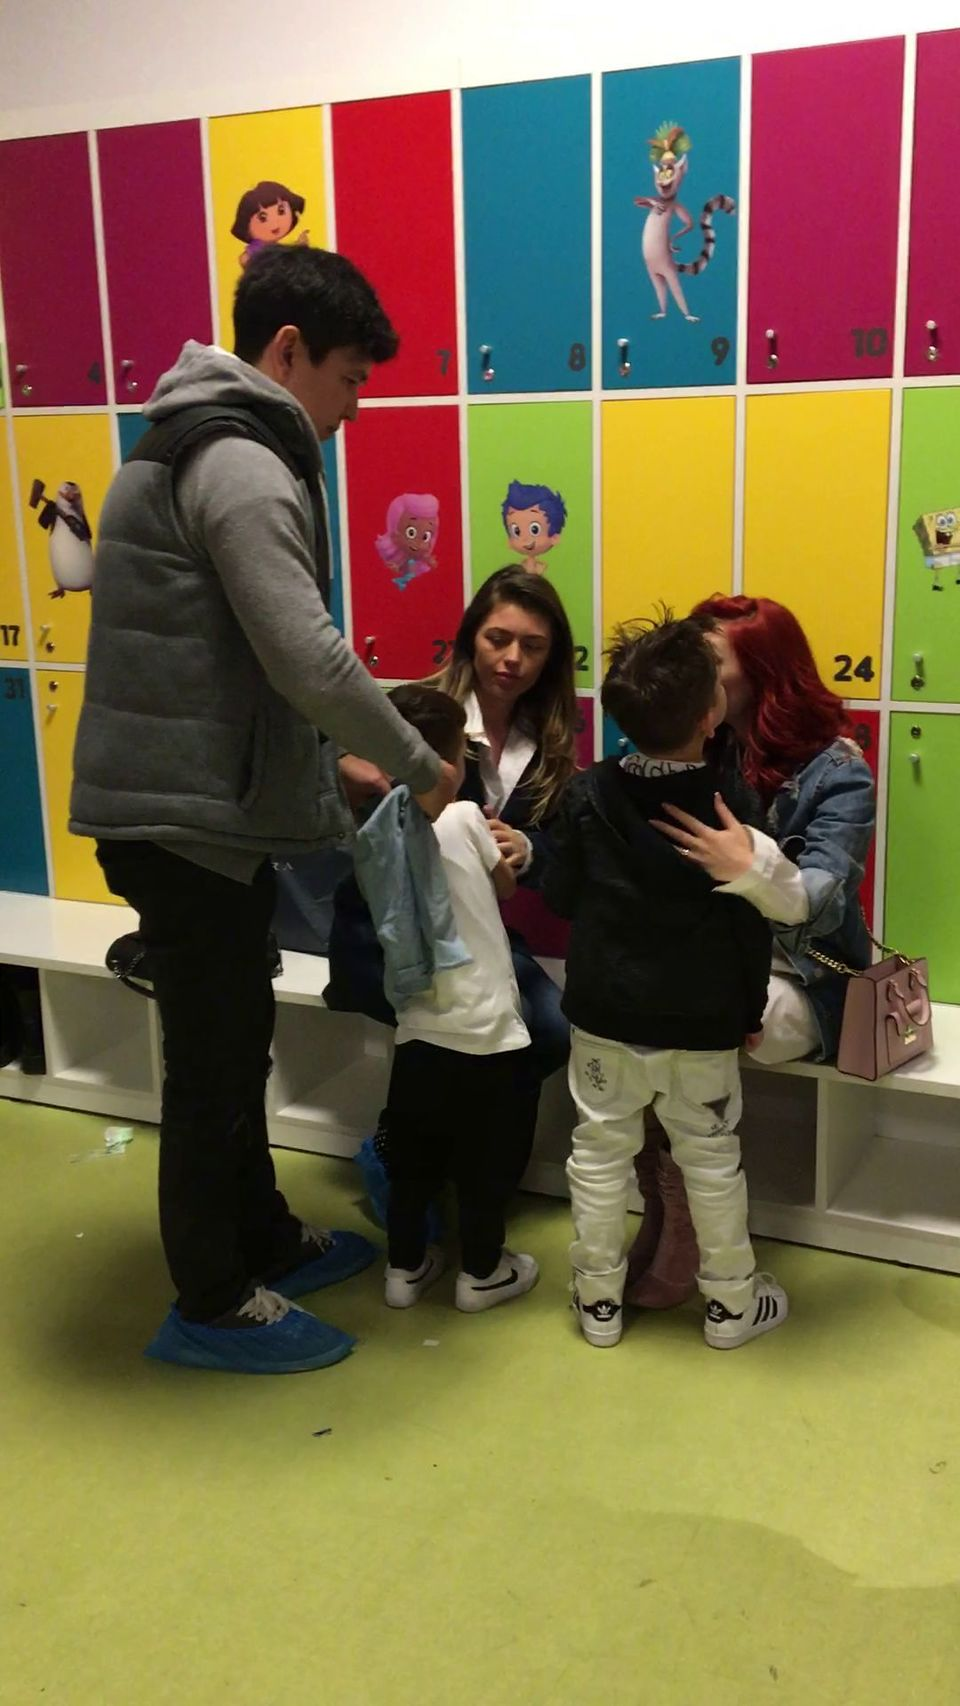 Elena Gheorghe si-a dus fiul si nepotelul la un loc de joaca! L-a pupat cu foc pe Nicholas pentru ca a fost cuminte! VIDEO EXCLUSIV